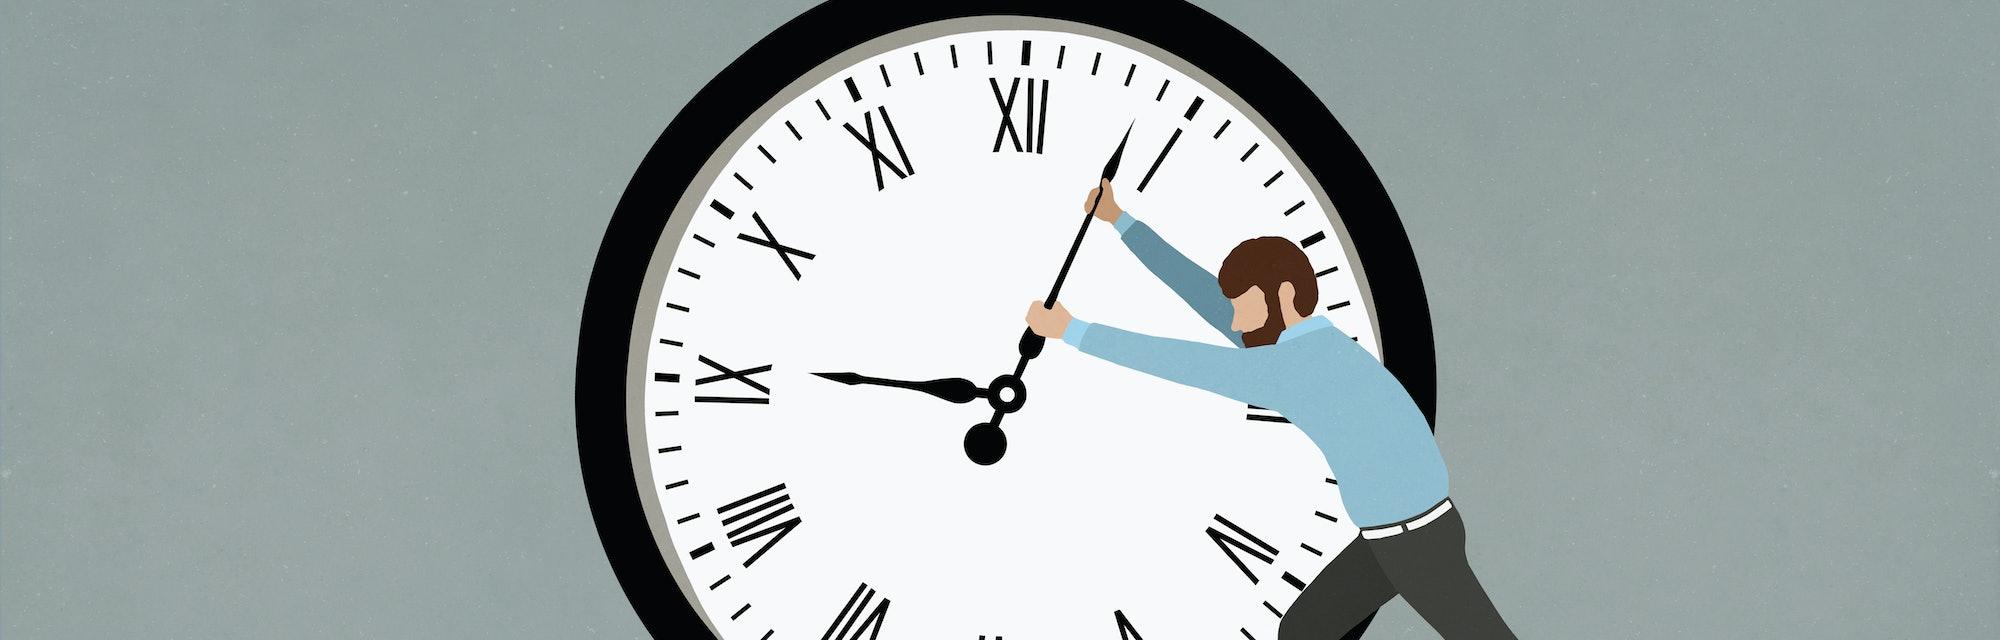 Man pushing hands of large clock.